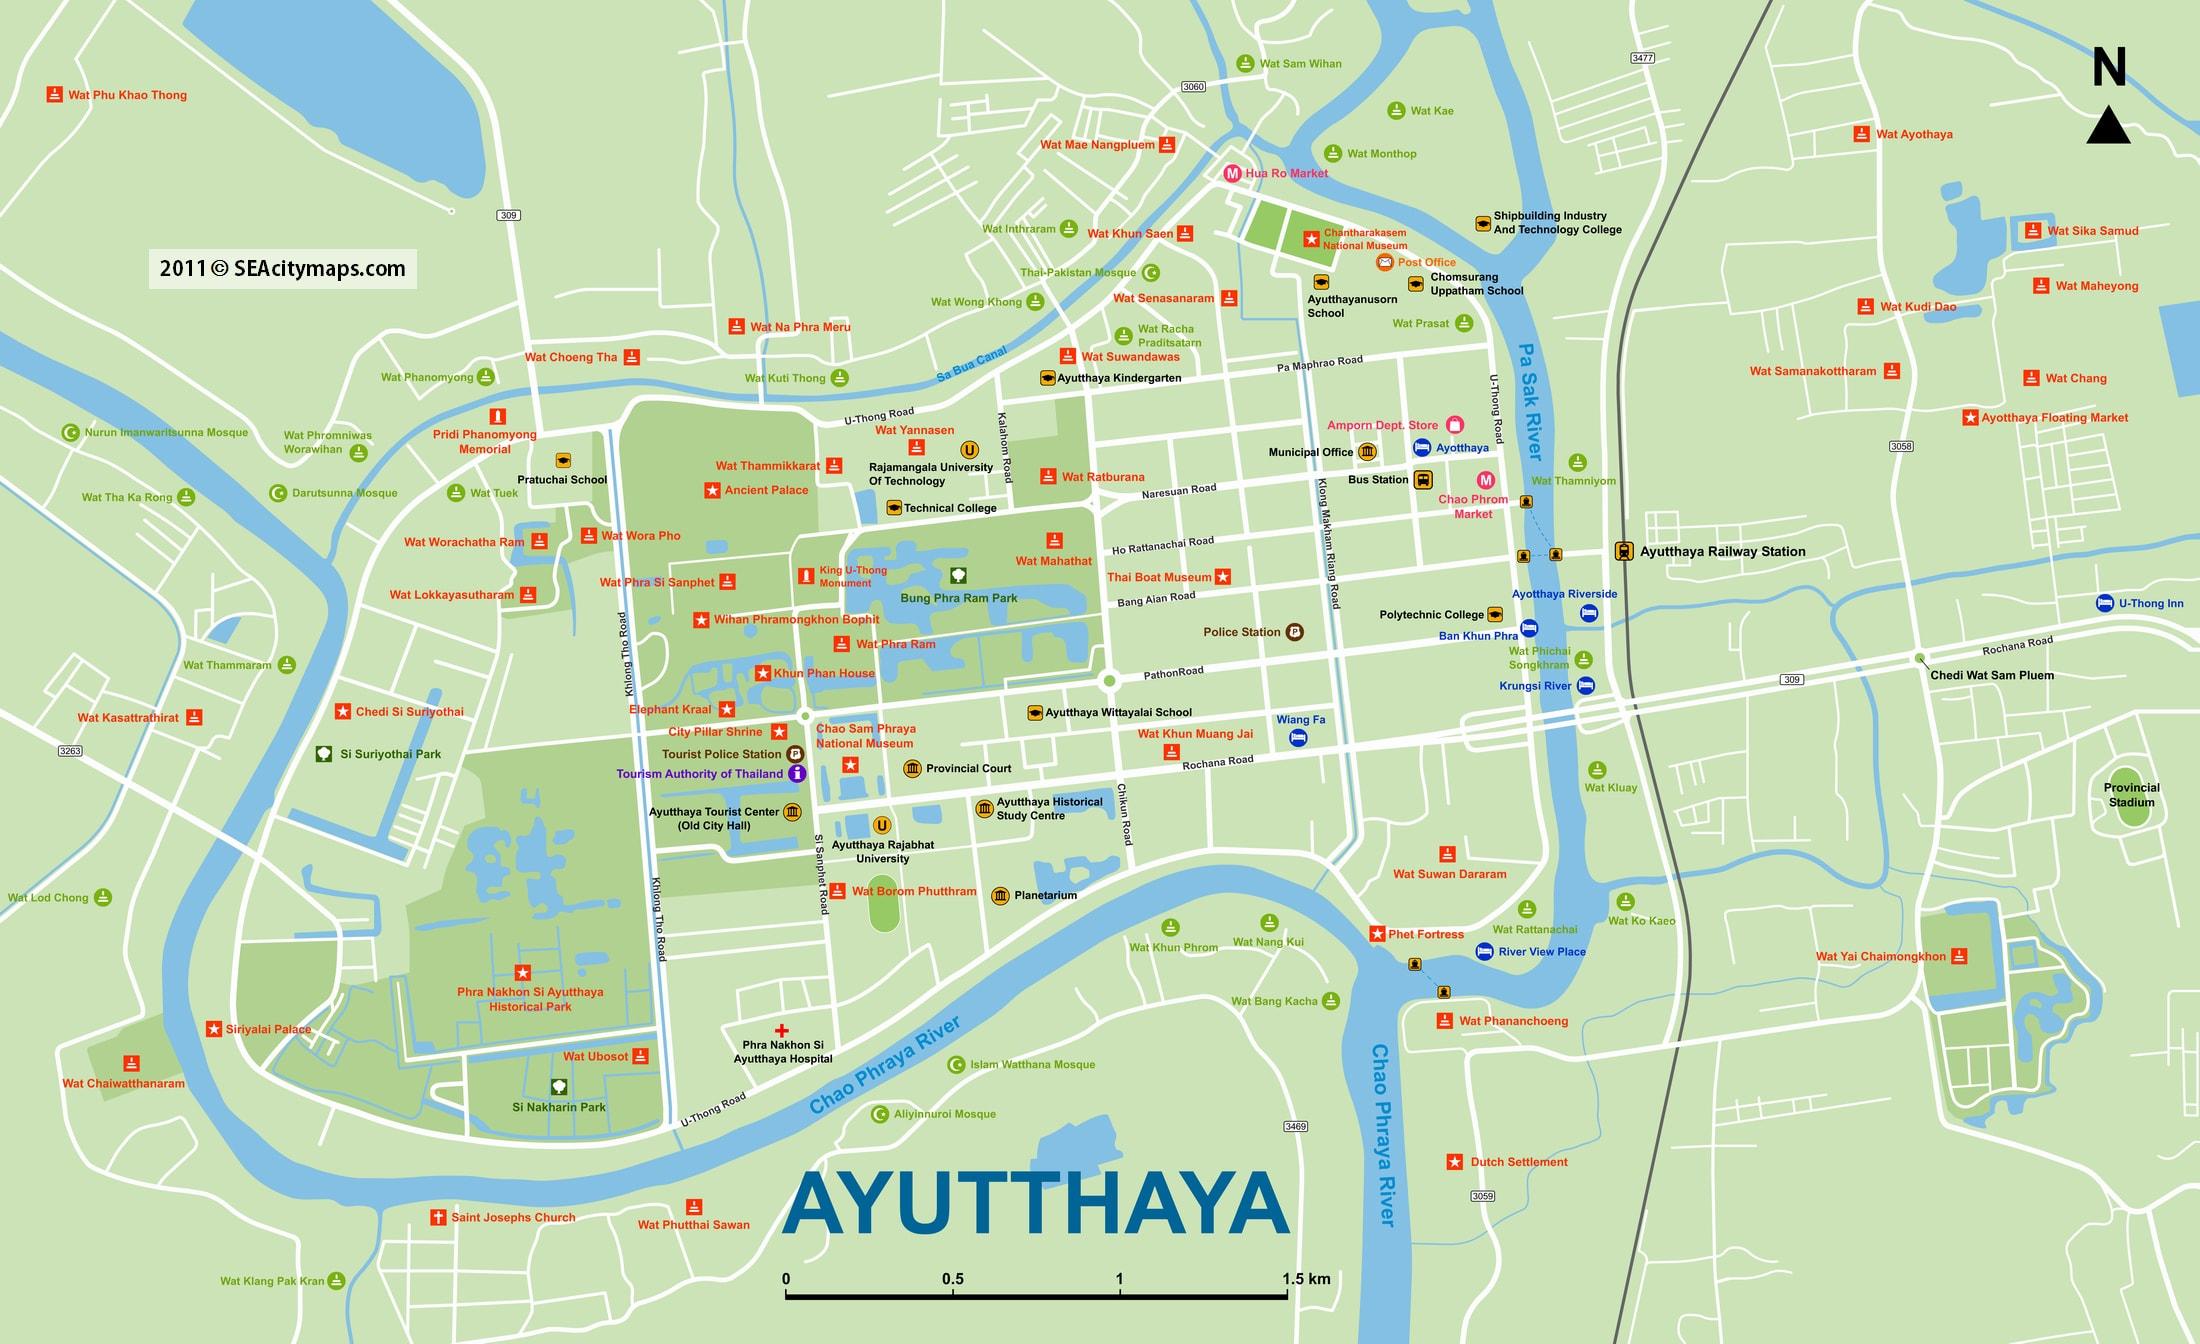 Карта Аютайи со всеми храмами (по клику большая)